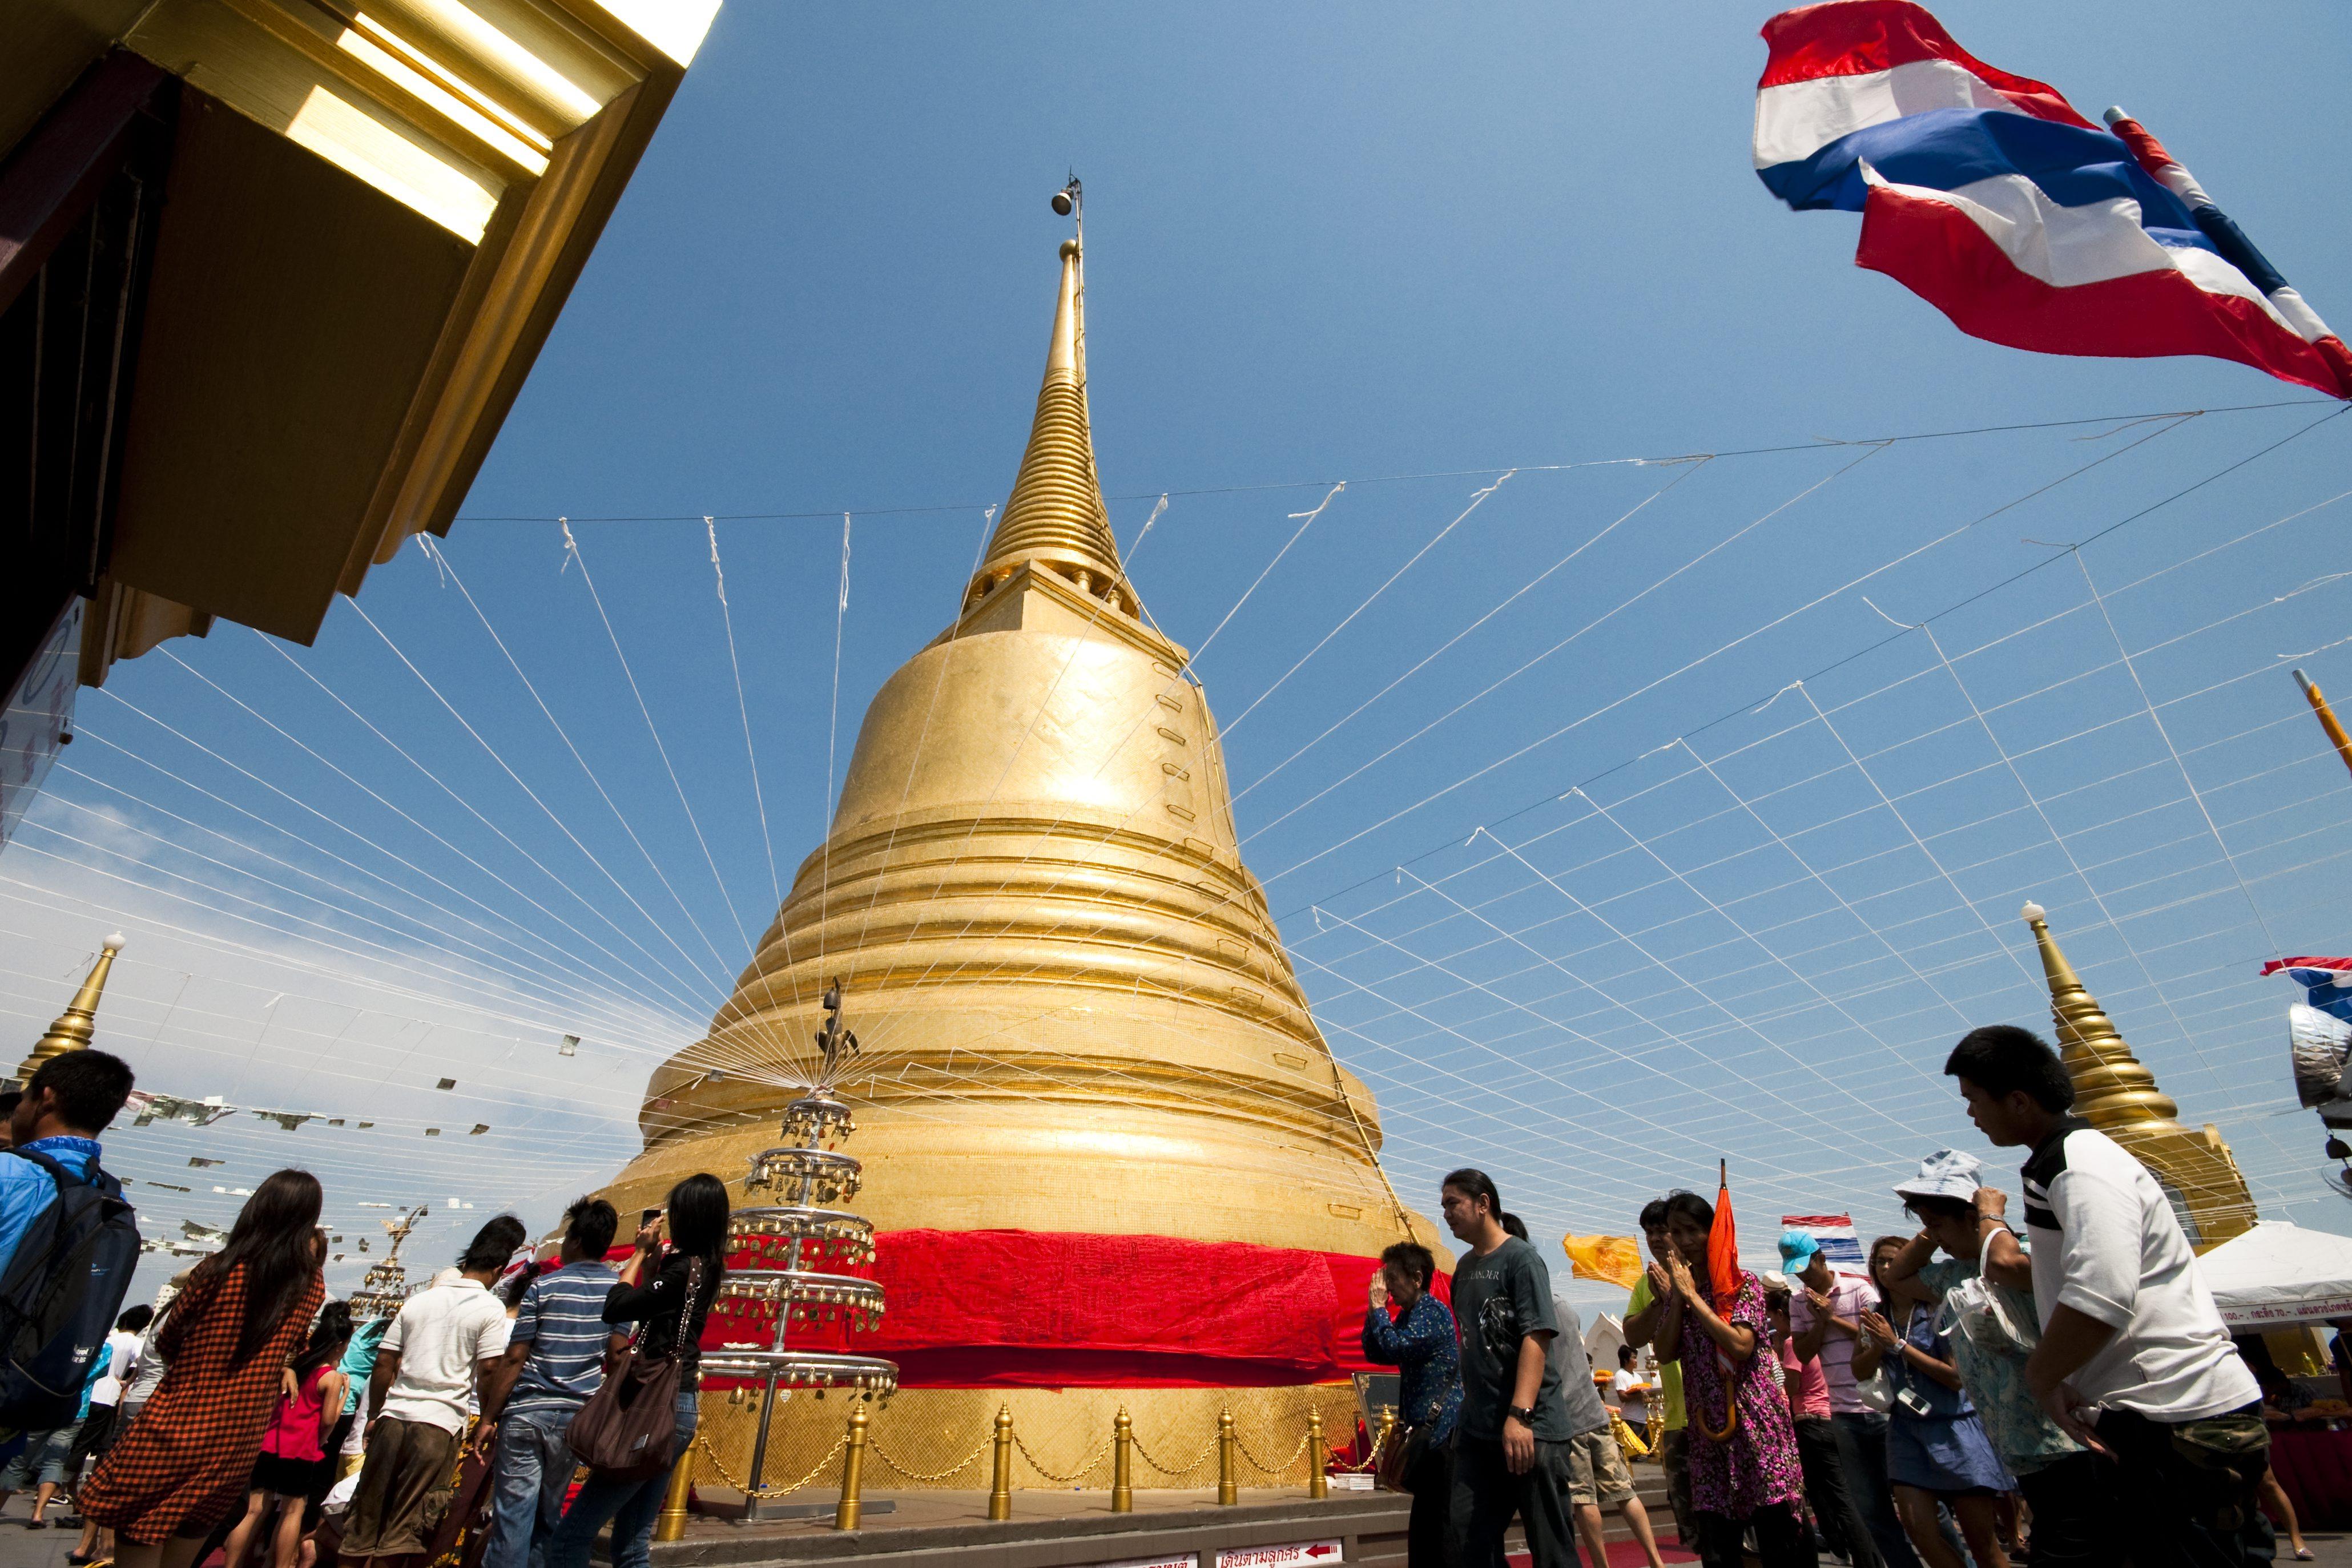 The Activities of Songkran Festival at Saket Ratcha Wora Maha Wihan Temple, Bangkok *** Local Caption *** กิจกรรมในงานประเพณีสงกรานต์ 2554 ในวัดสระเกศราชวรมหาวิหาร จังหวัดกรุงเทพมหานคร